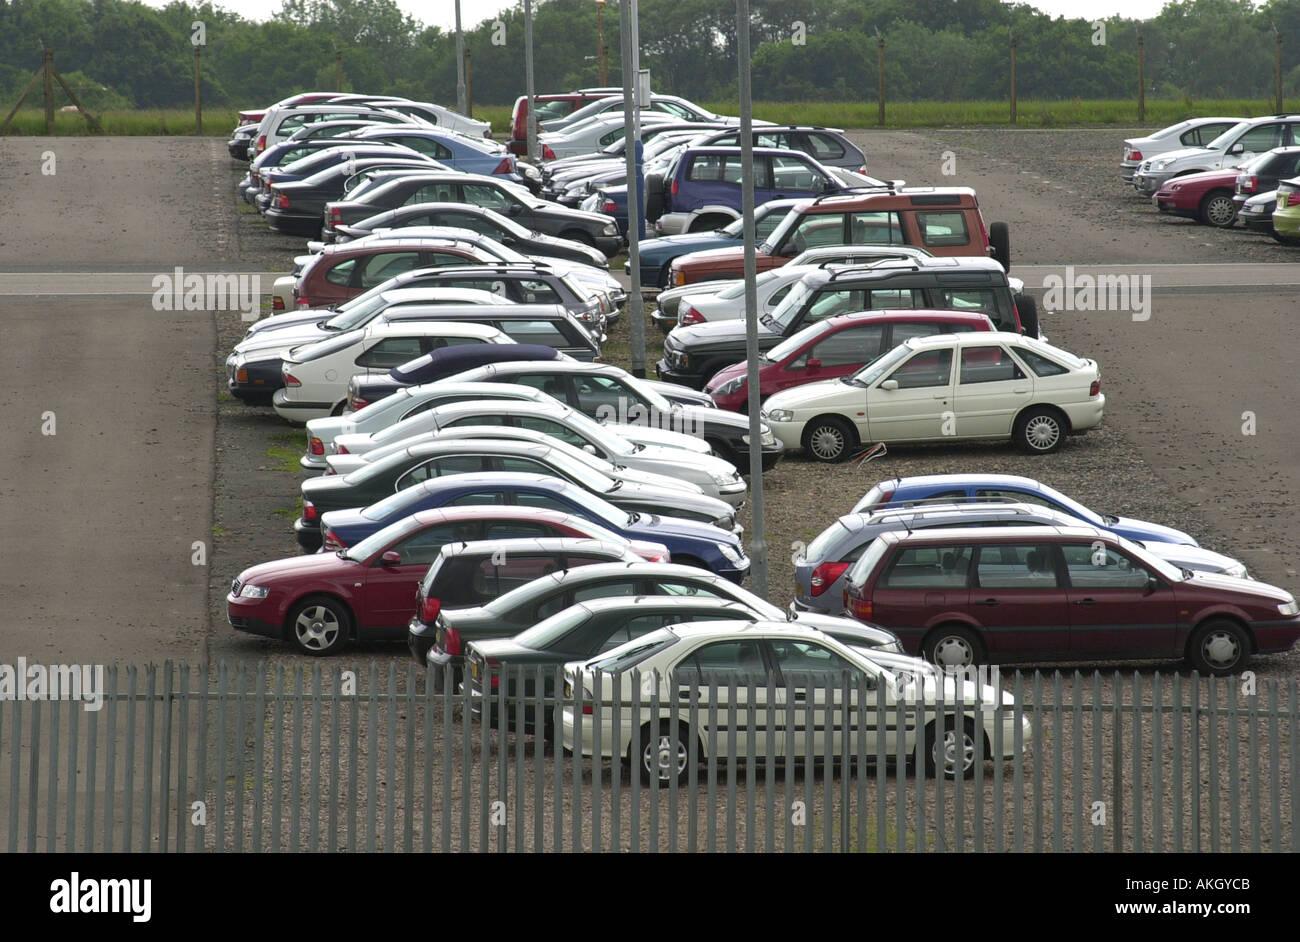 Devizes Wharf Car Park